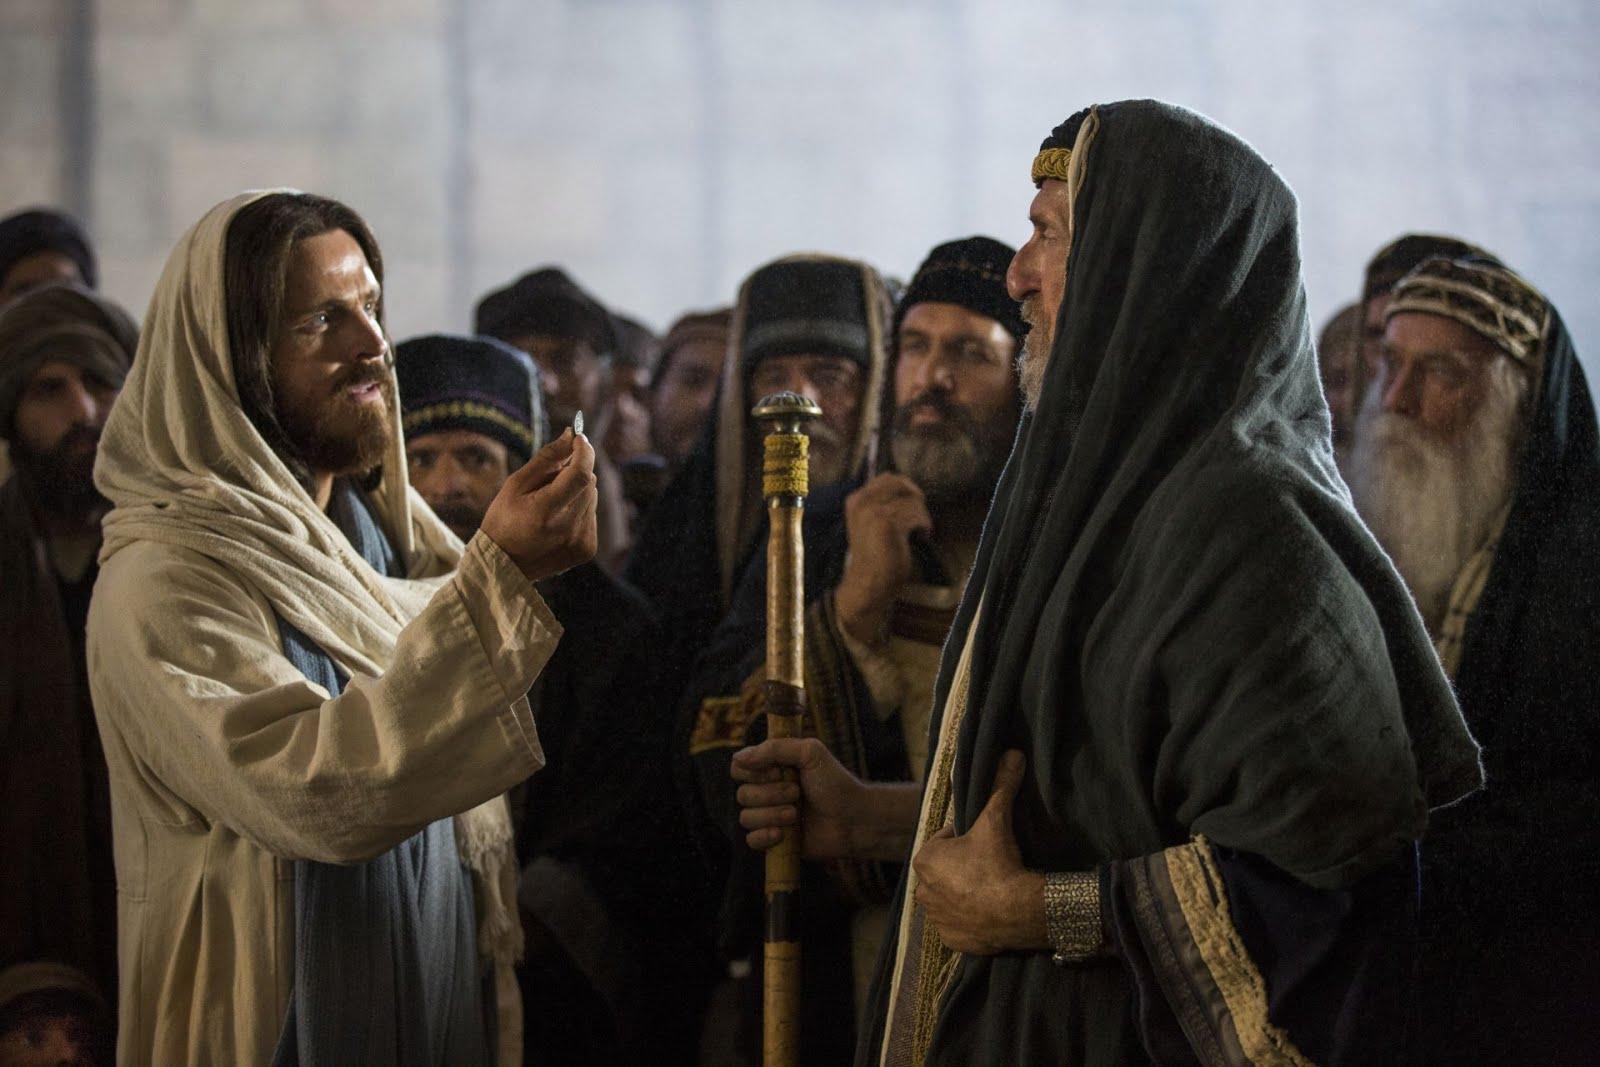 JESUS DESMASCARA A FALSIDADE DOS GRANDES